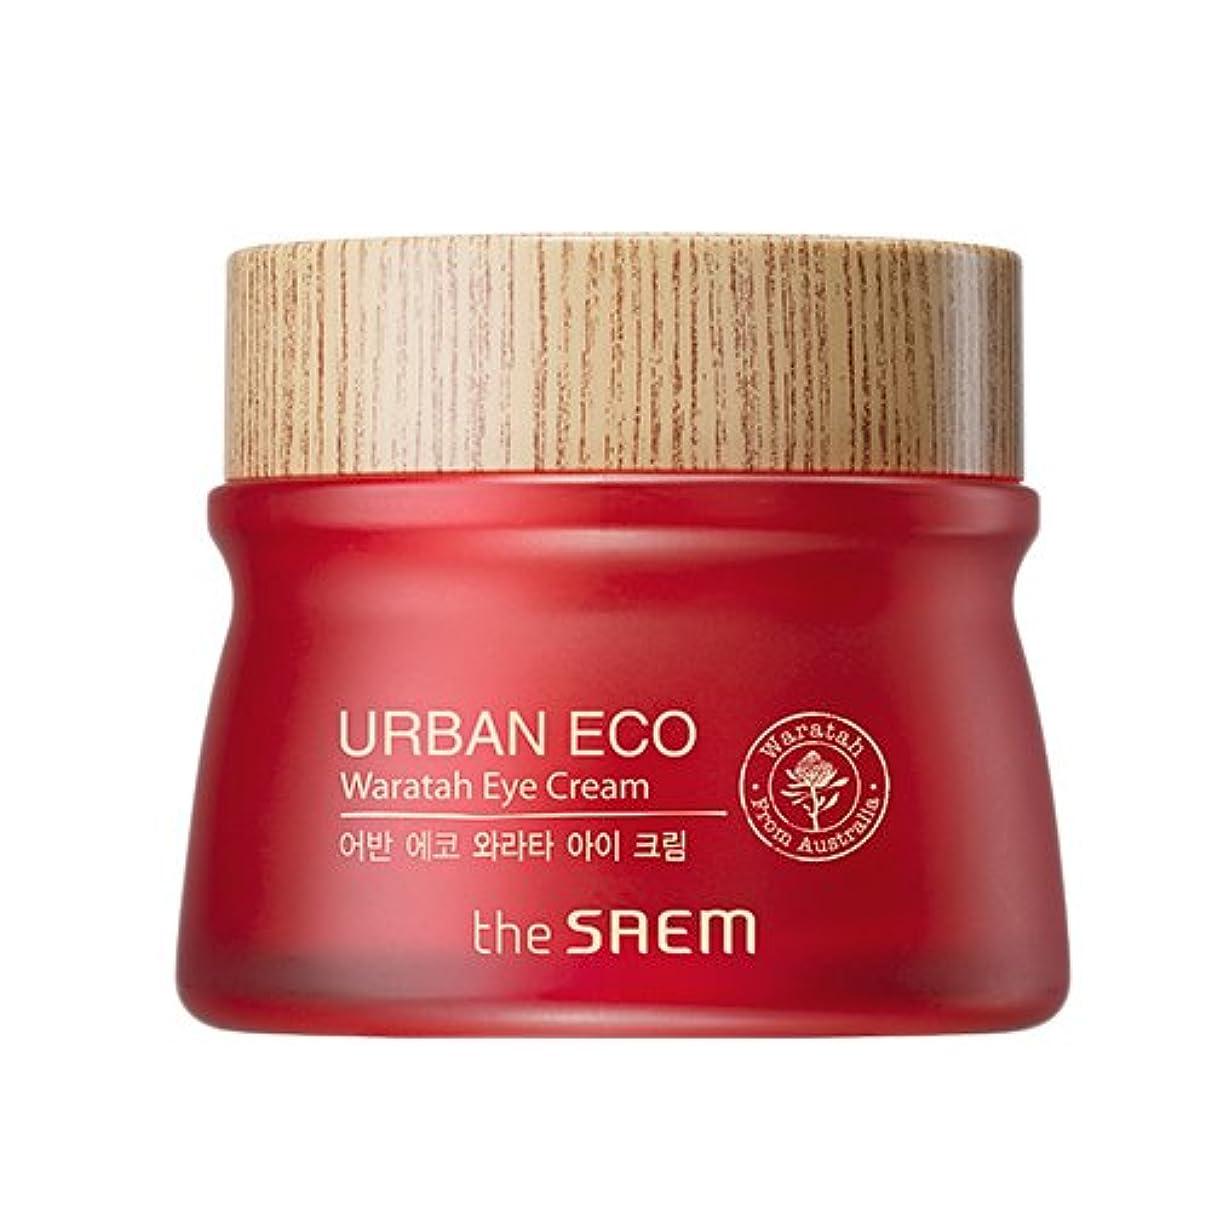 ようこそ受付日ドセム アーバンエコワラターアイクリーム 30ml Urban Eco Waratah Eye Cream [並行輸入品]